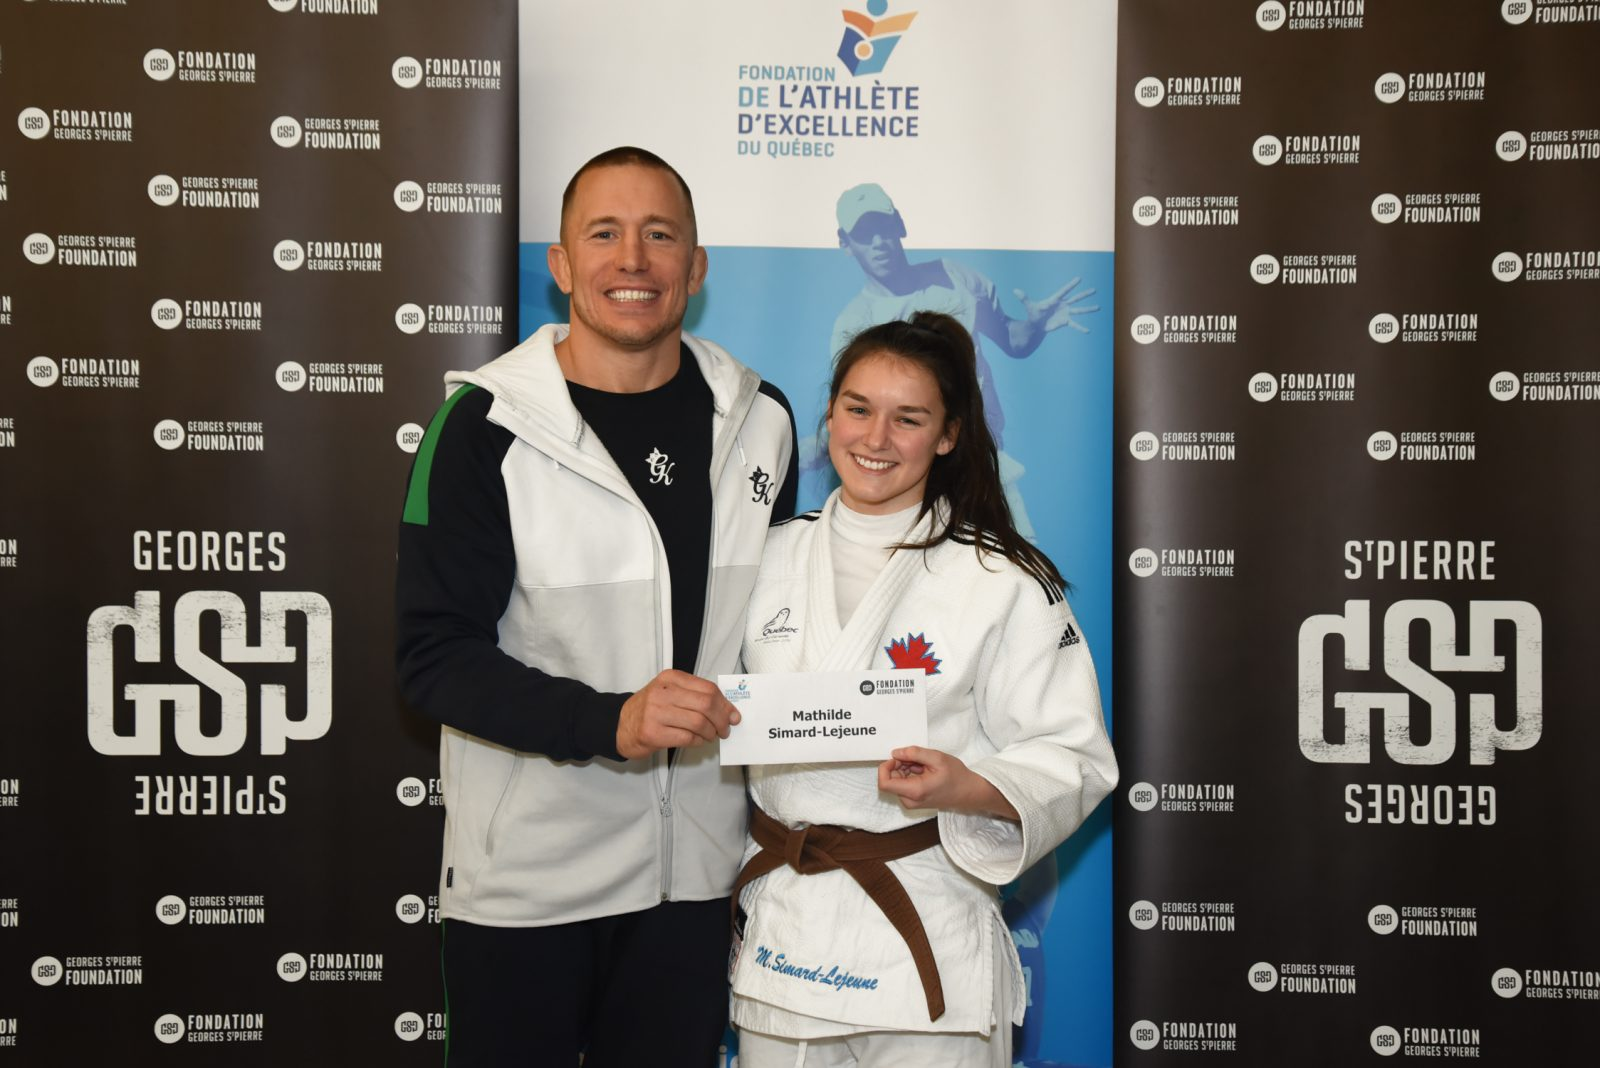 Judo: Mathilde Simard-Lejeune récompensée pour son excellence académique